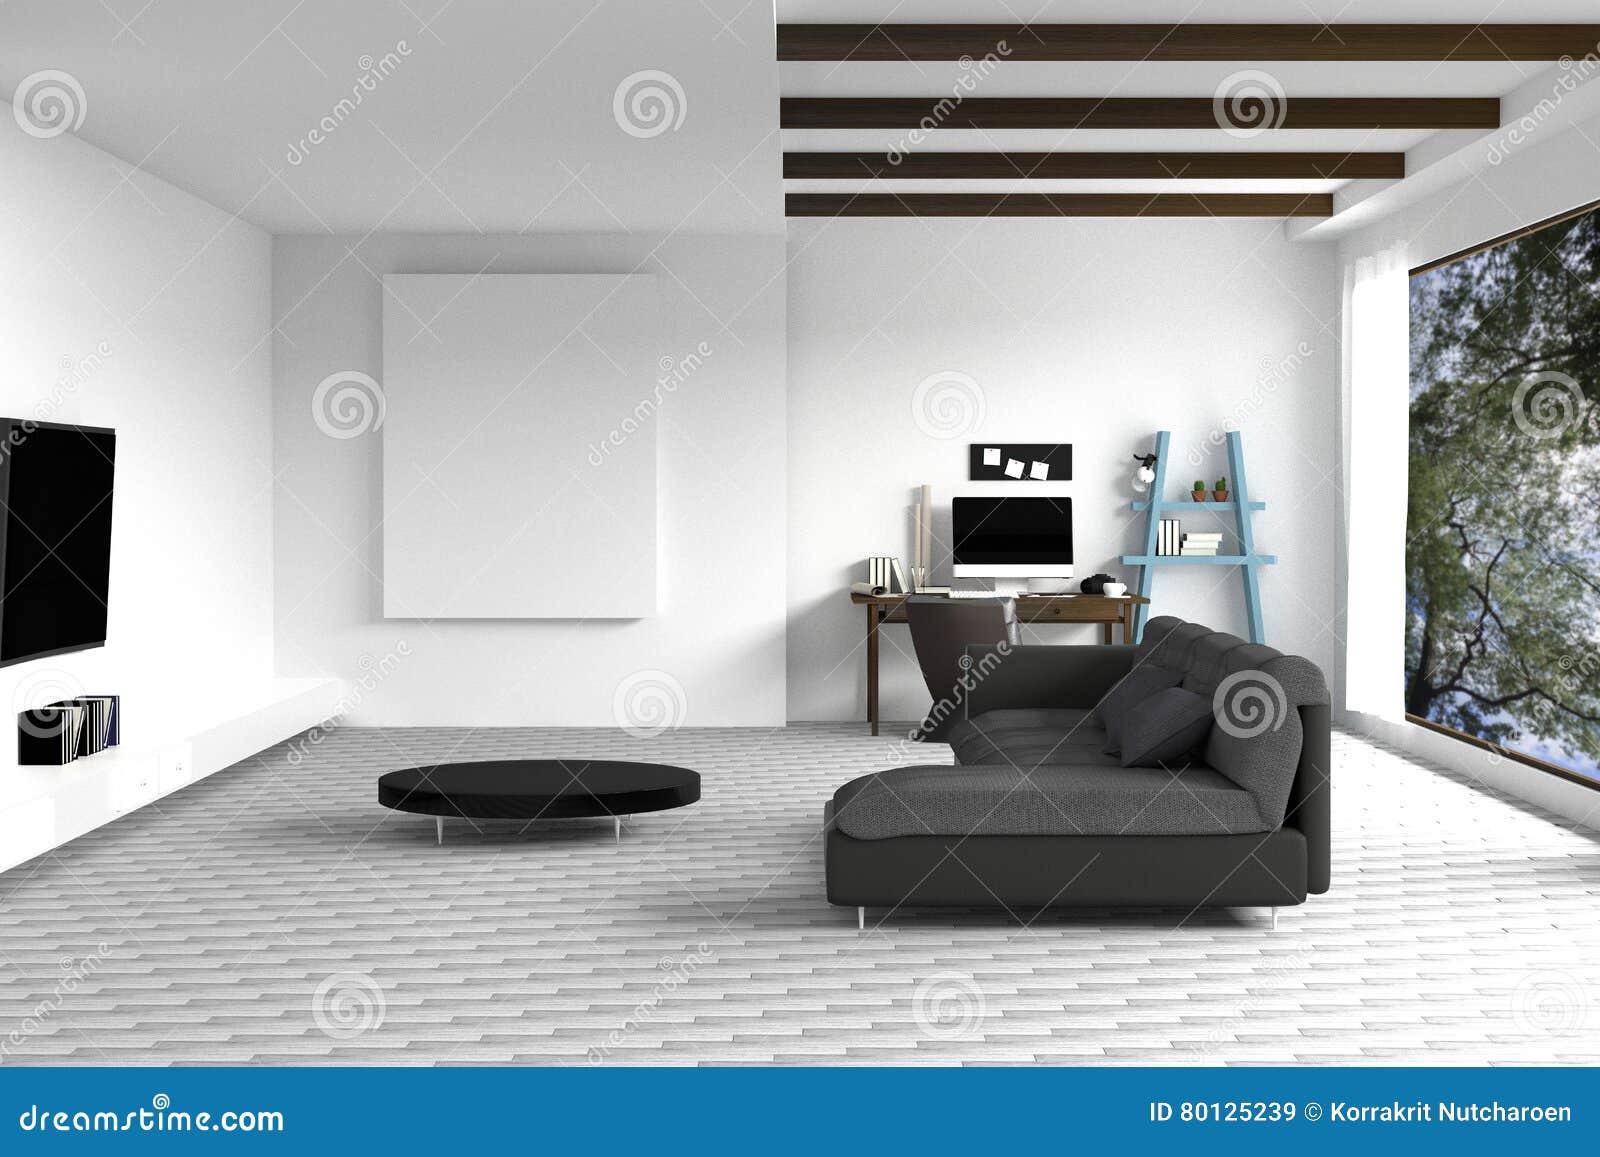 τρισδιάστατη απόδοση: απεικόνιση του άσπρου εσωτερικού σχεδίου καθιστικών με το σκοτεινό καναπέ κενή εικόνα πλαισίων ράφια και άσ